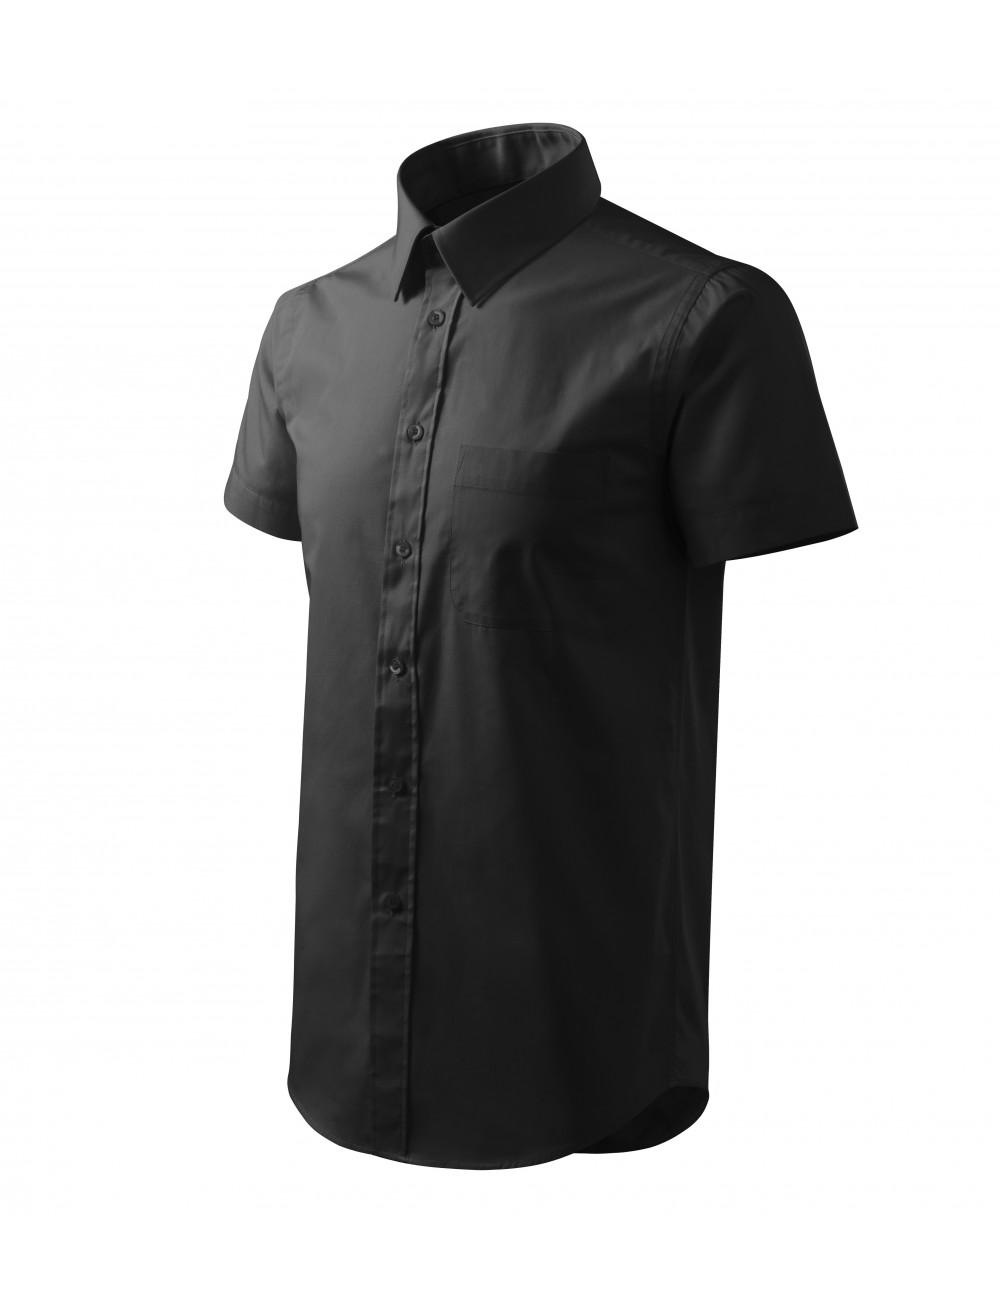 Adler MALFINI Koszula męska Chic 207 czarny